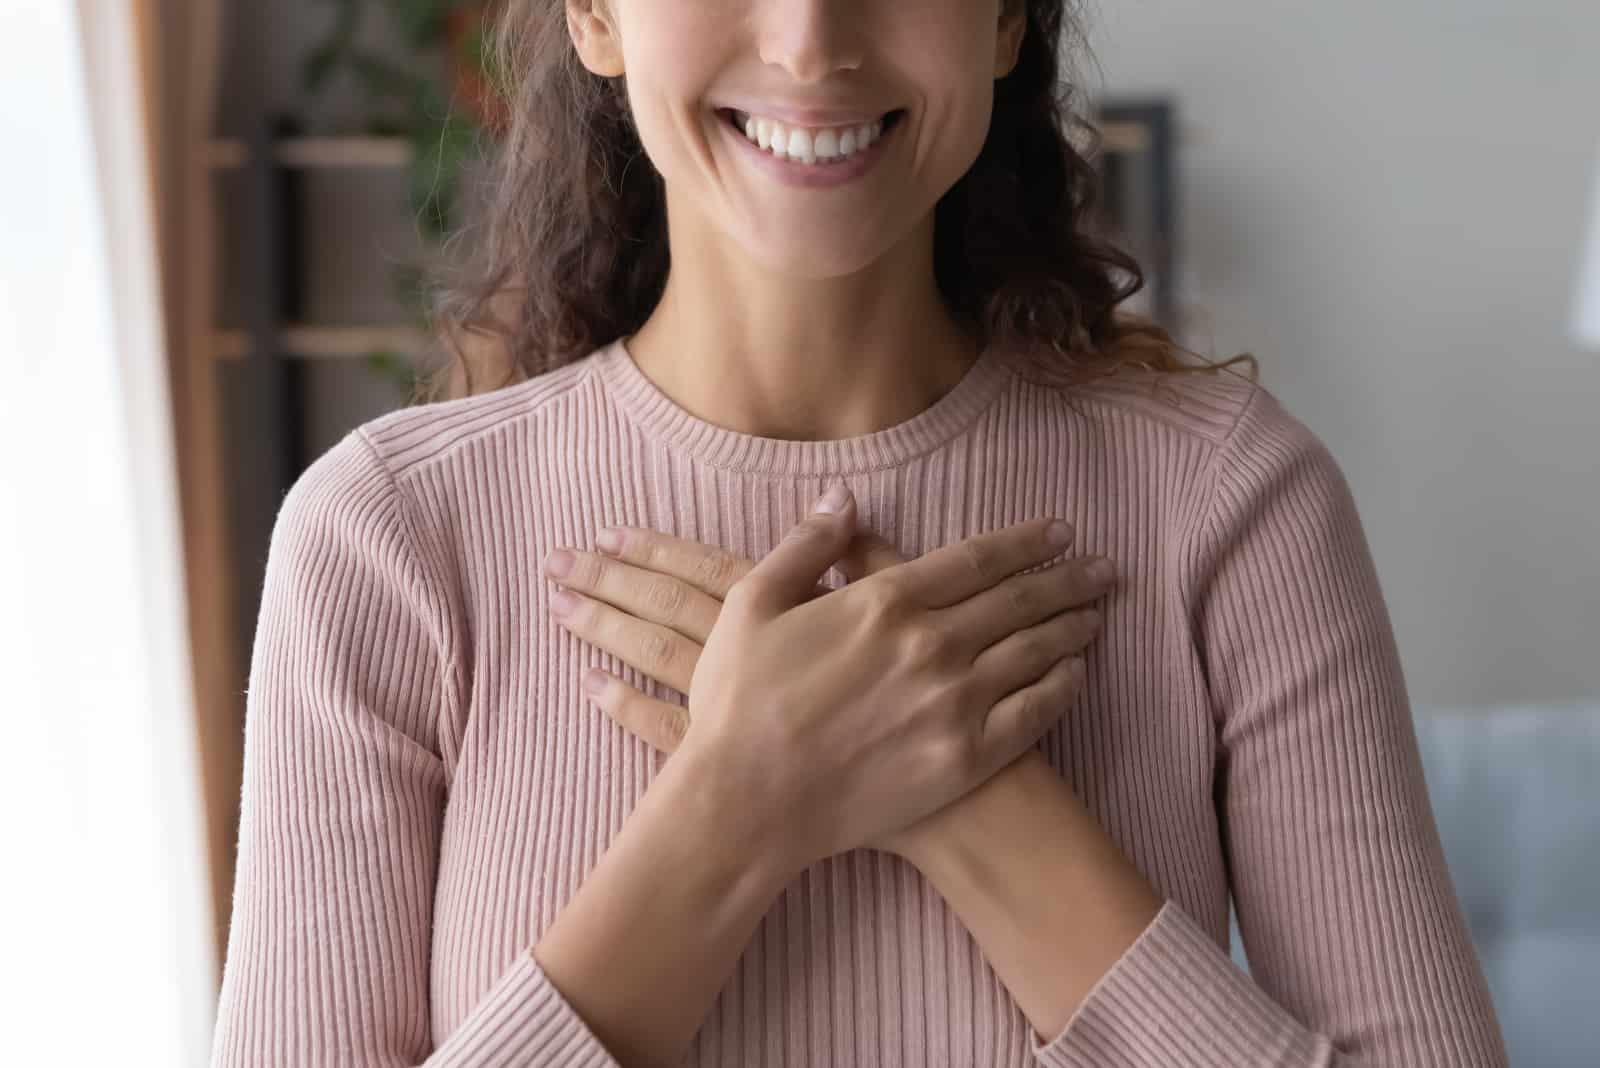 une fille tenant ses bras croisés sur sa poitrine